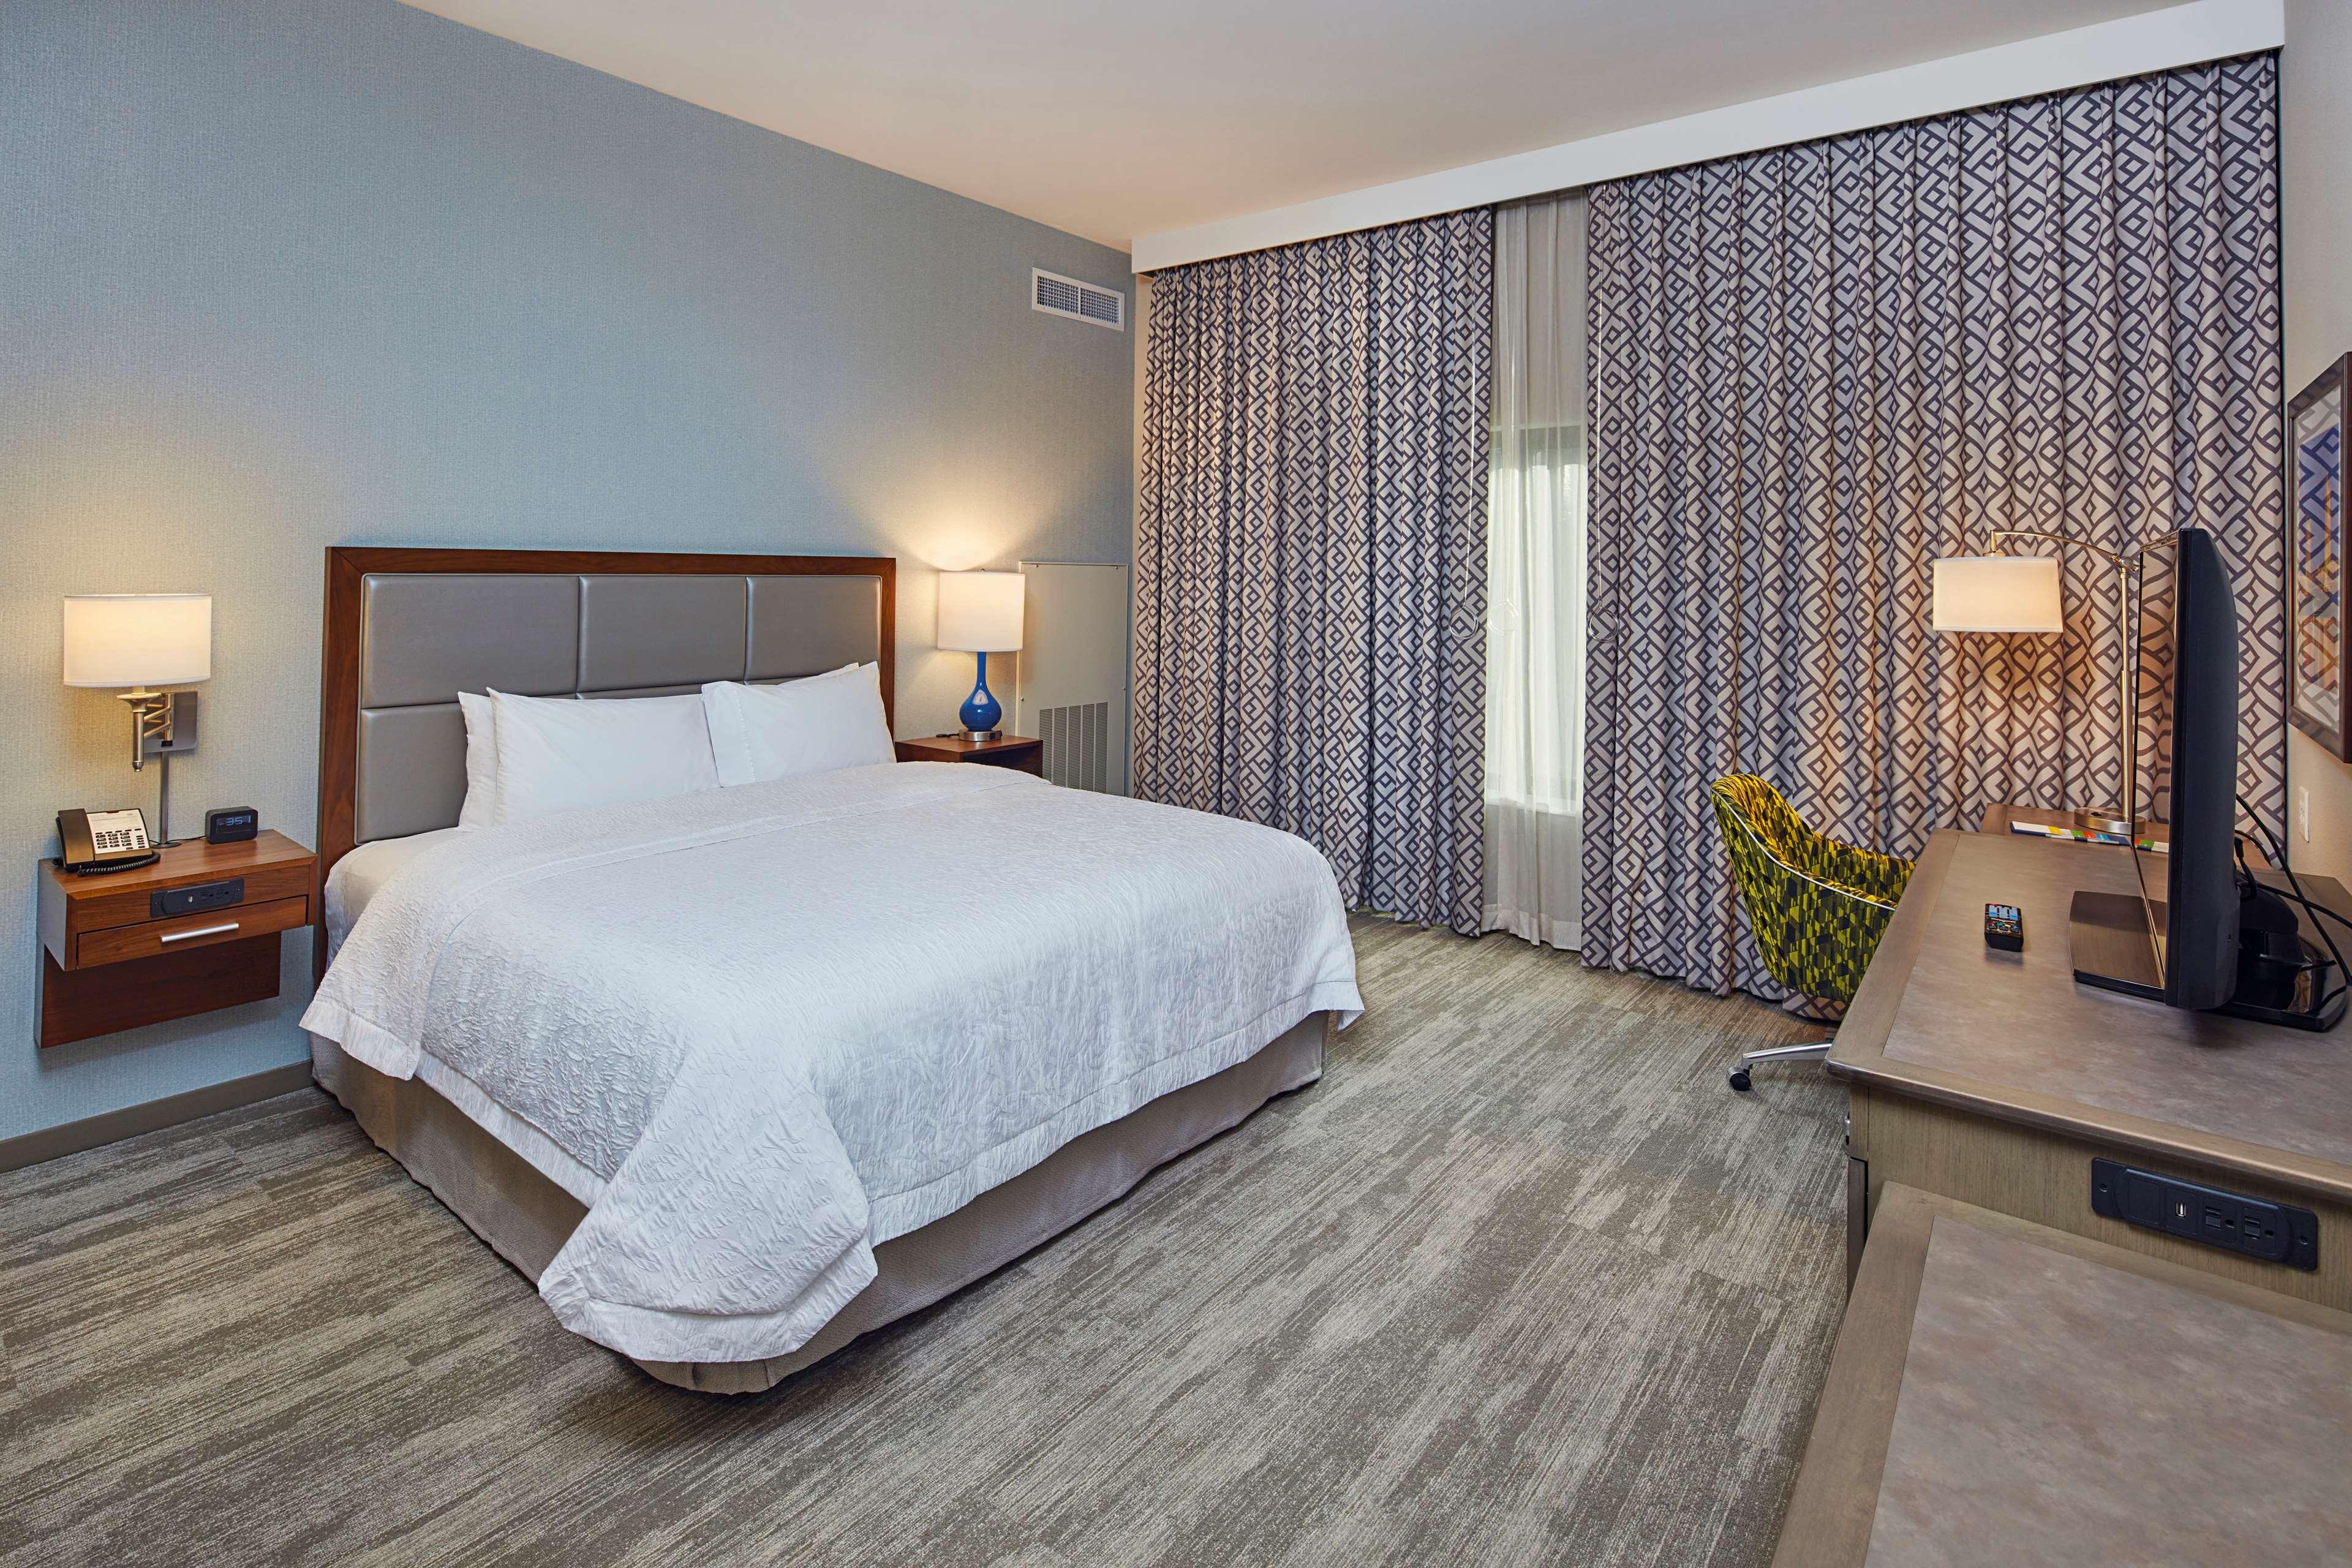 Hampton Inn & Suites Sacramento at CSUS image 30